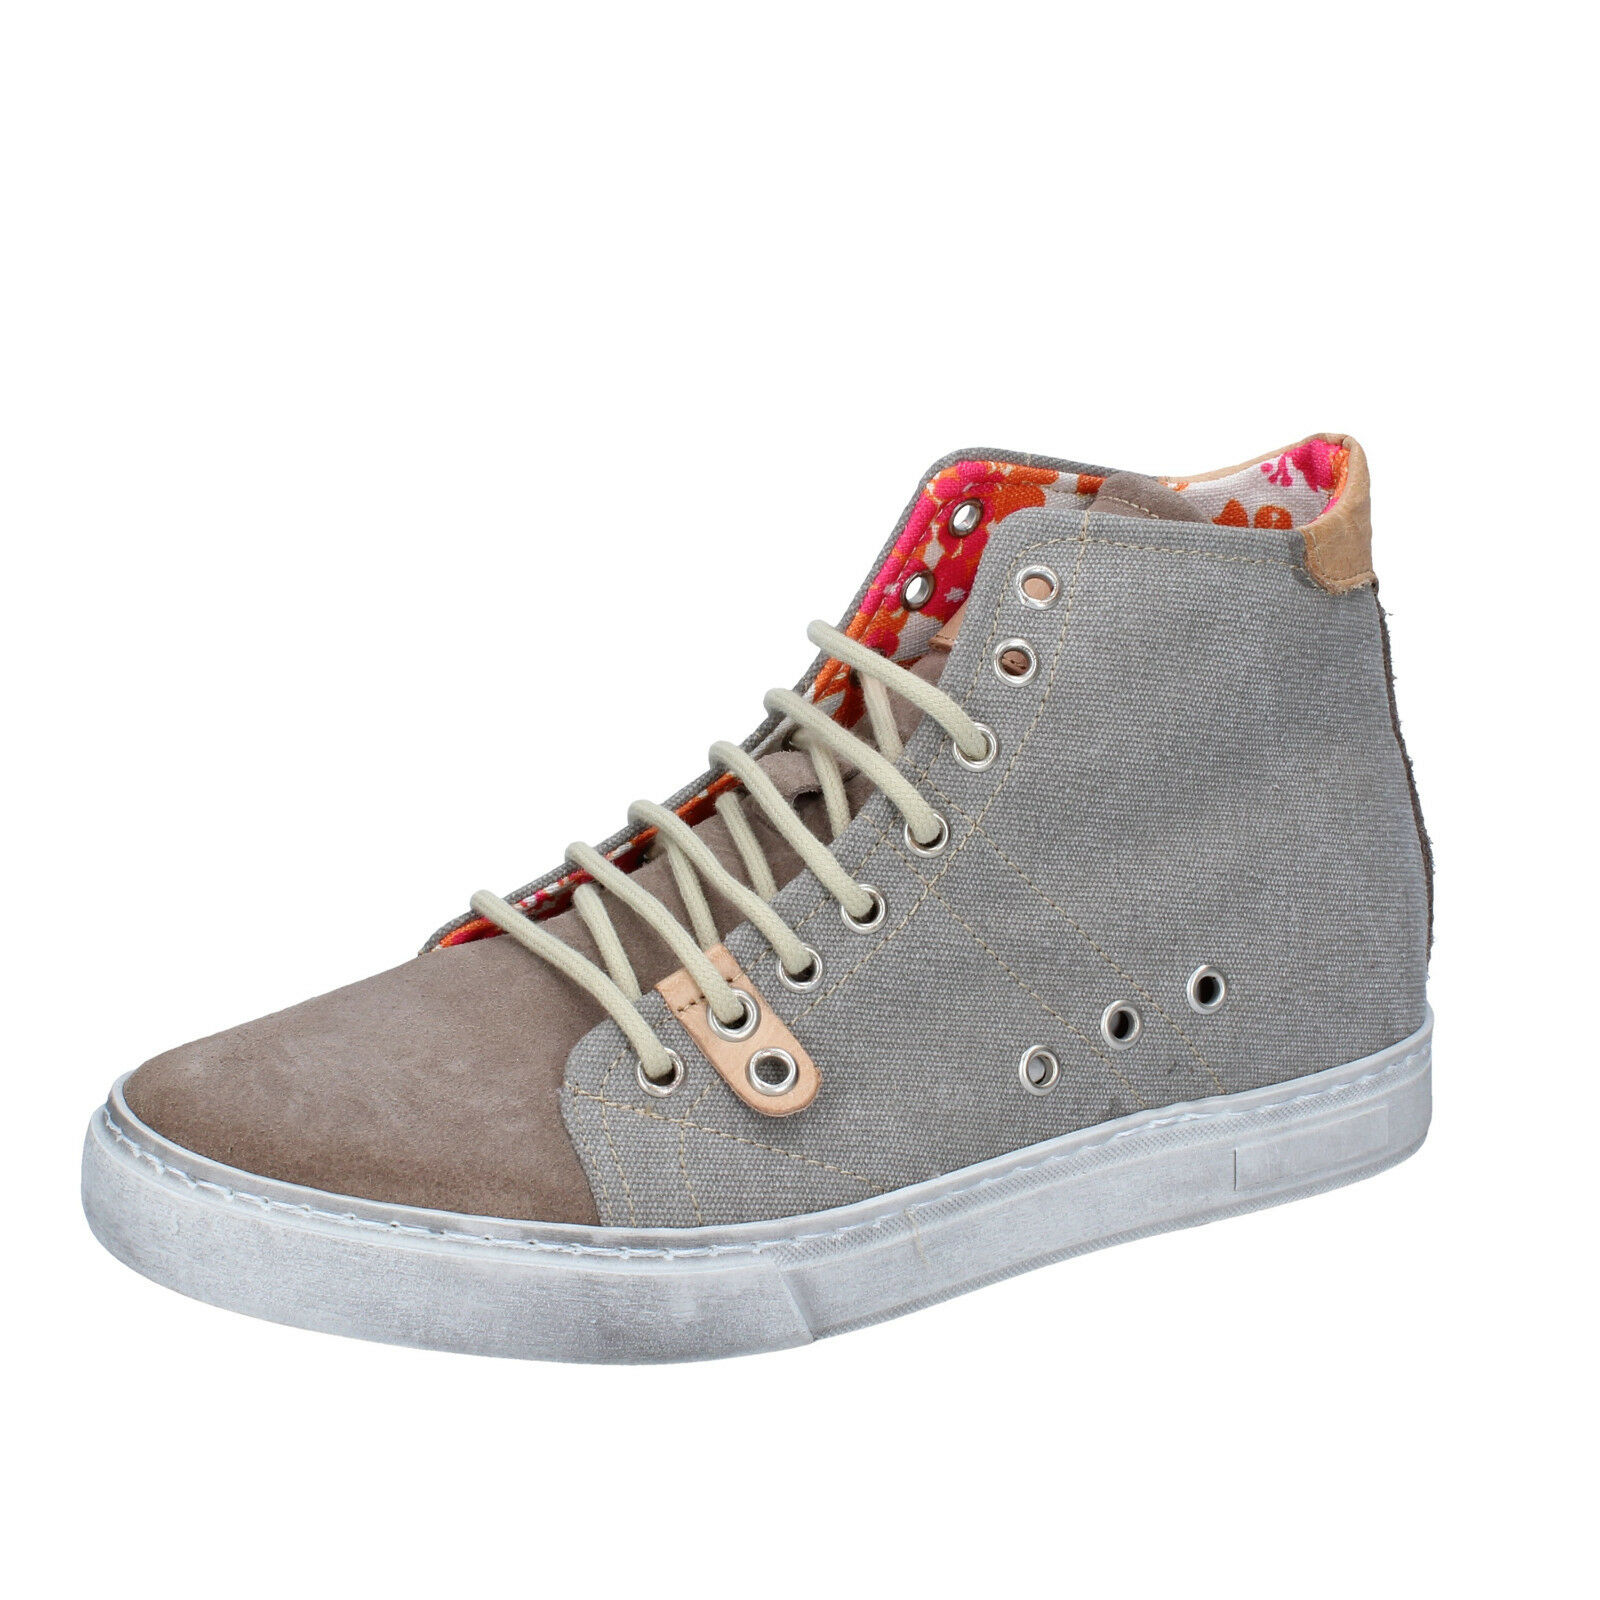 ottima selezione e consegna rapida Scarpe uomo uomo uomo NYON BY CORAF 39 scarpe da ginnastica beige camoscio tessuto BY86-B  in vendita